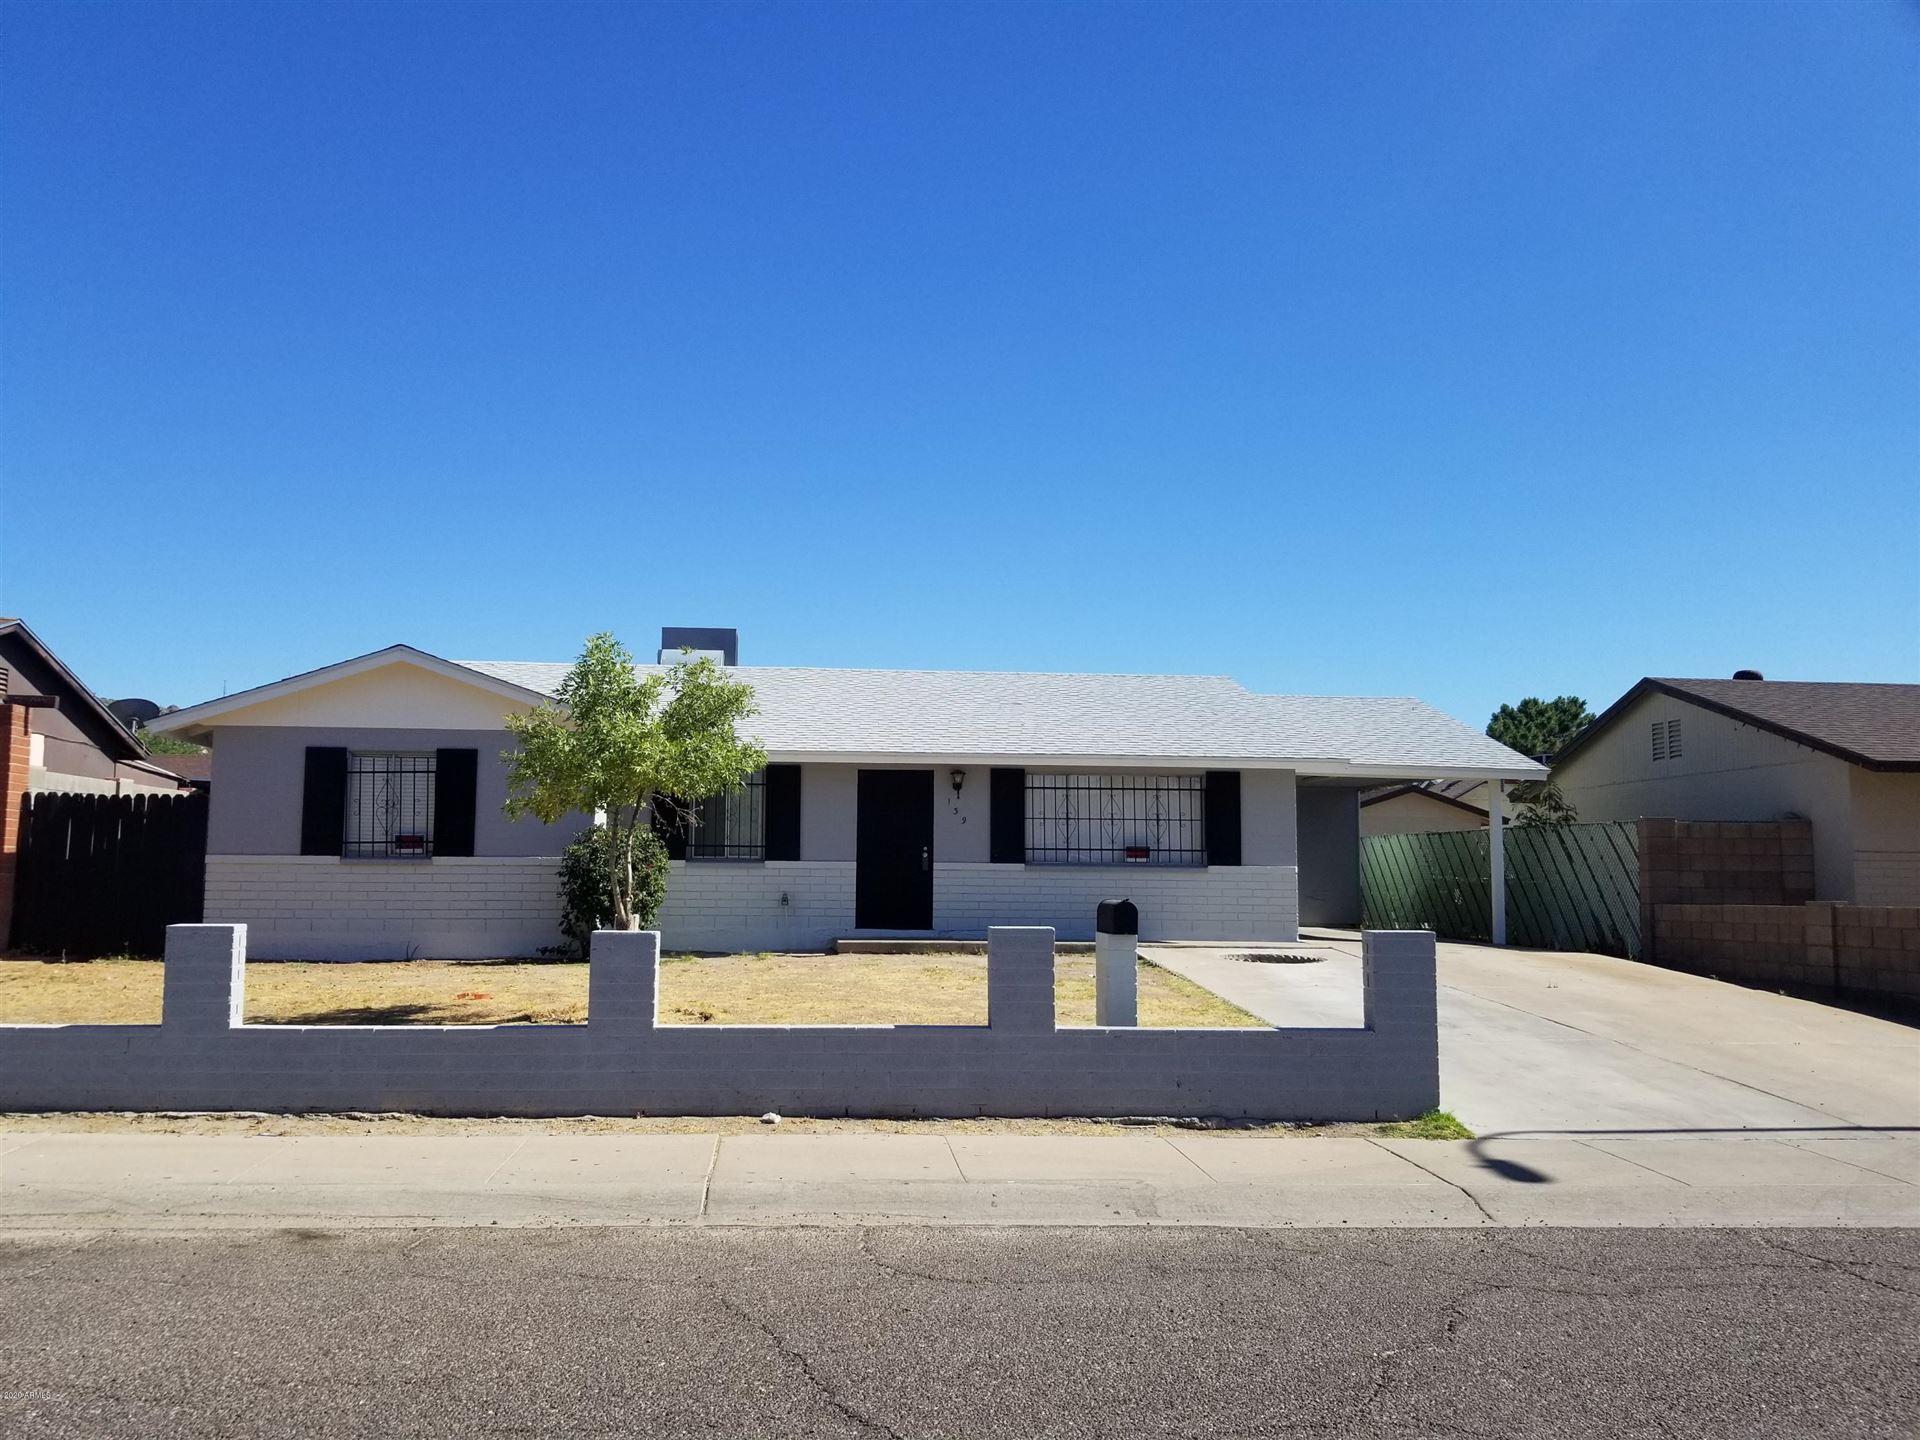 139 W WINSTON Drive, Phoenix, AZ 85041 - MLS#: 6082999